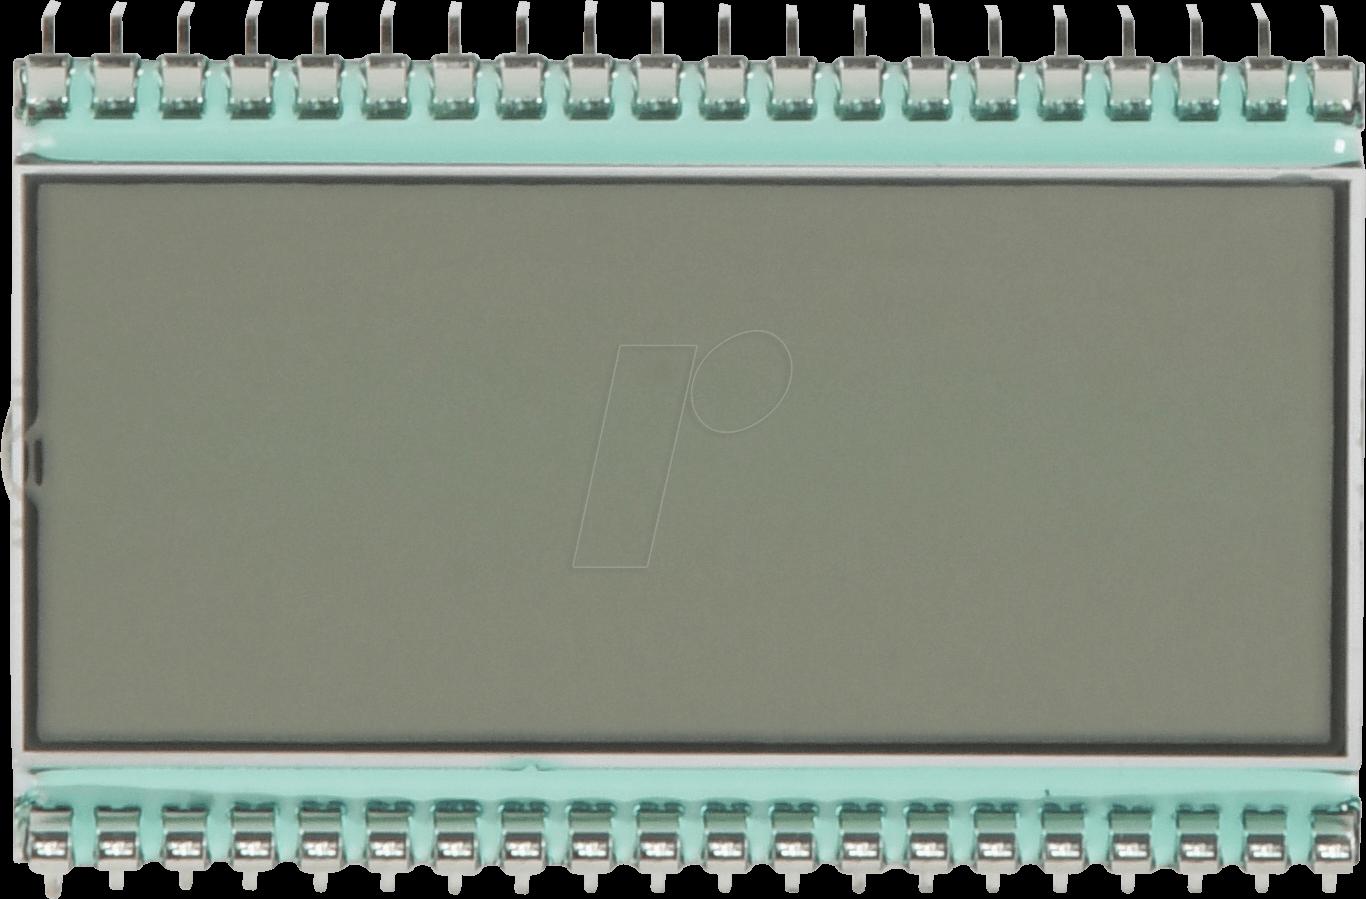 https://cdn-reichelt.de/bilder/web/xxl_ws/A500/LCD-7S_3-5-13_B.png